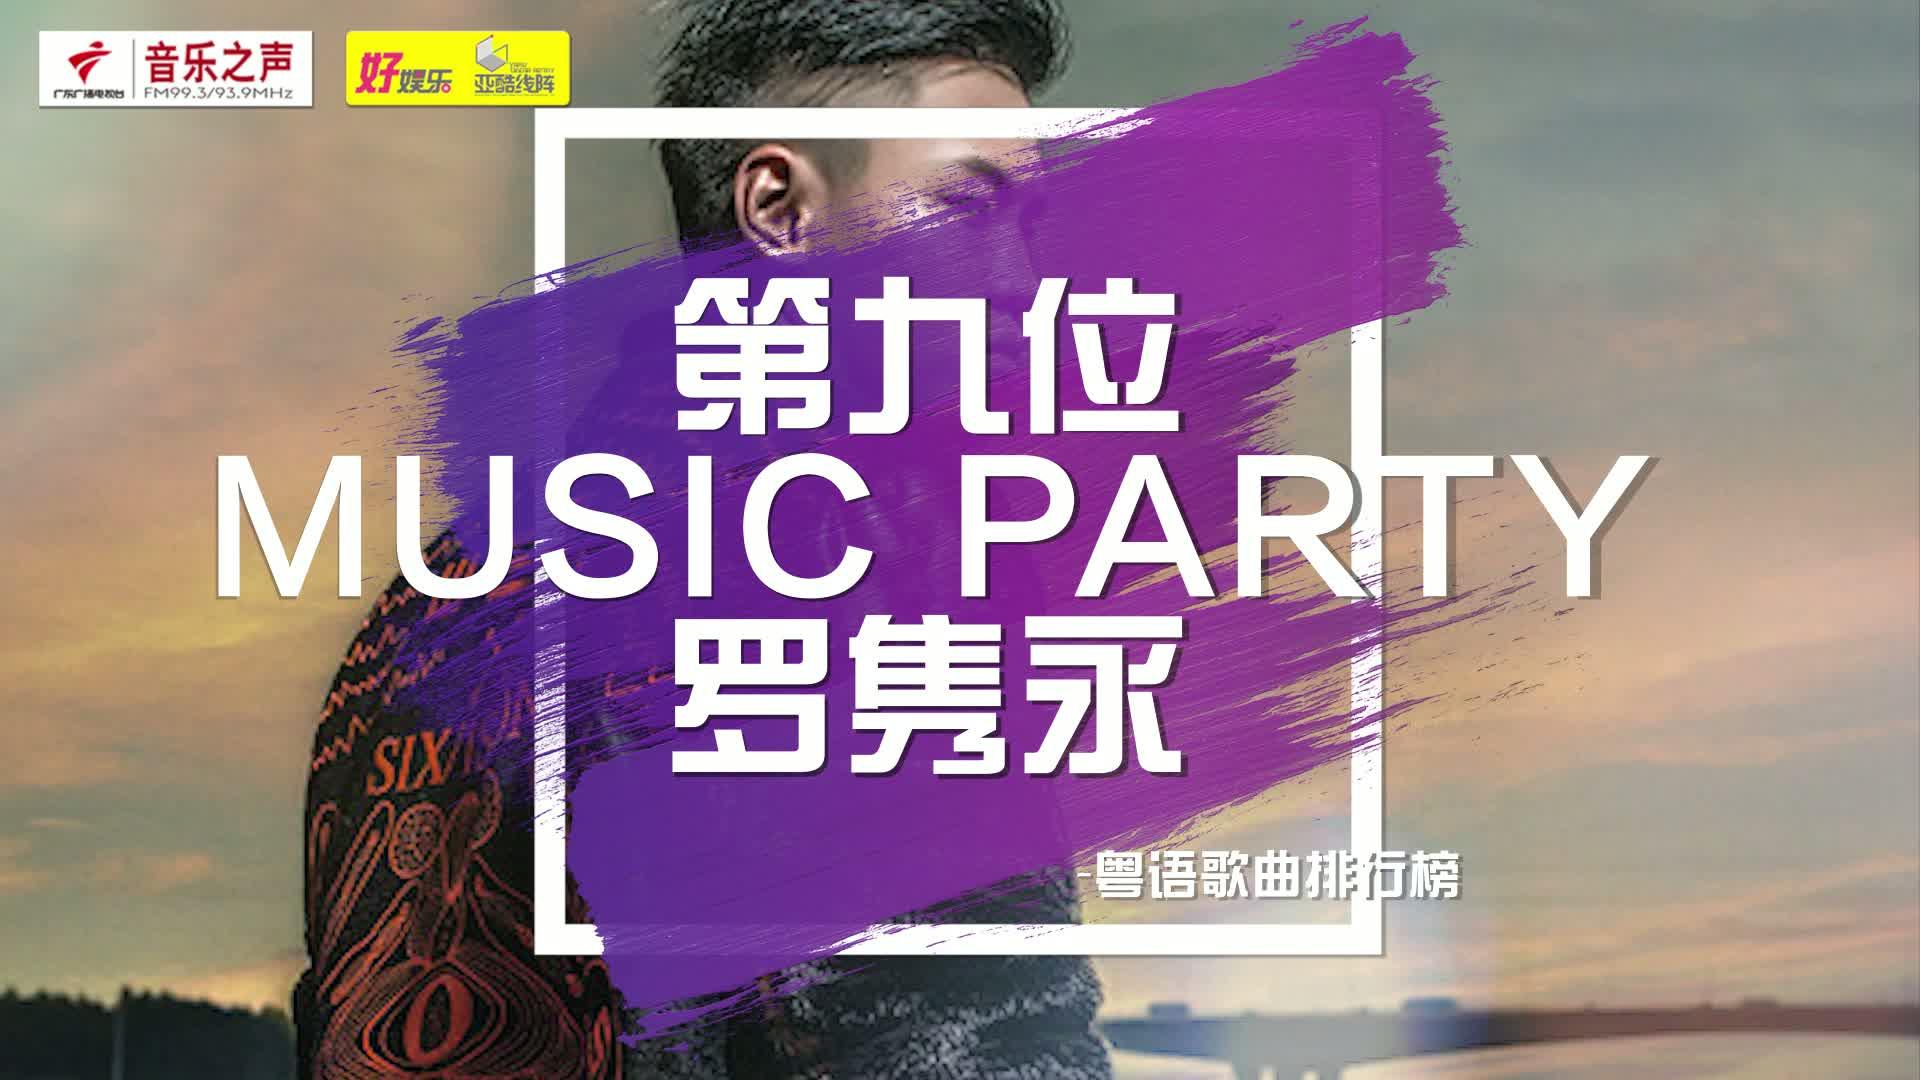 幸运彩票赚钱的方法是真的吗_粤语歌曲排行榜2019年第44期